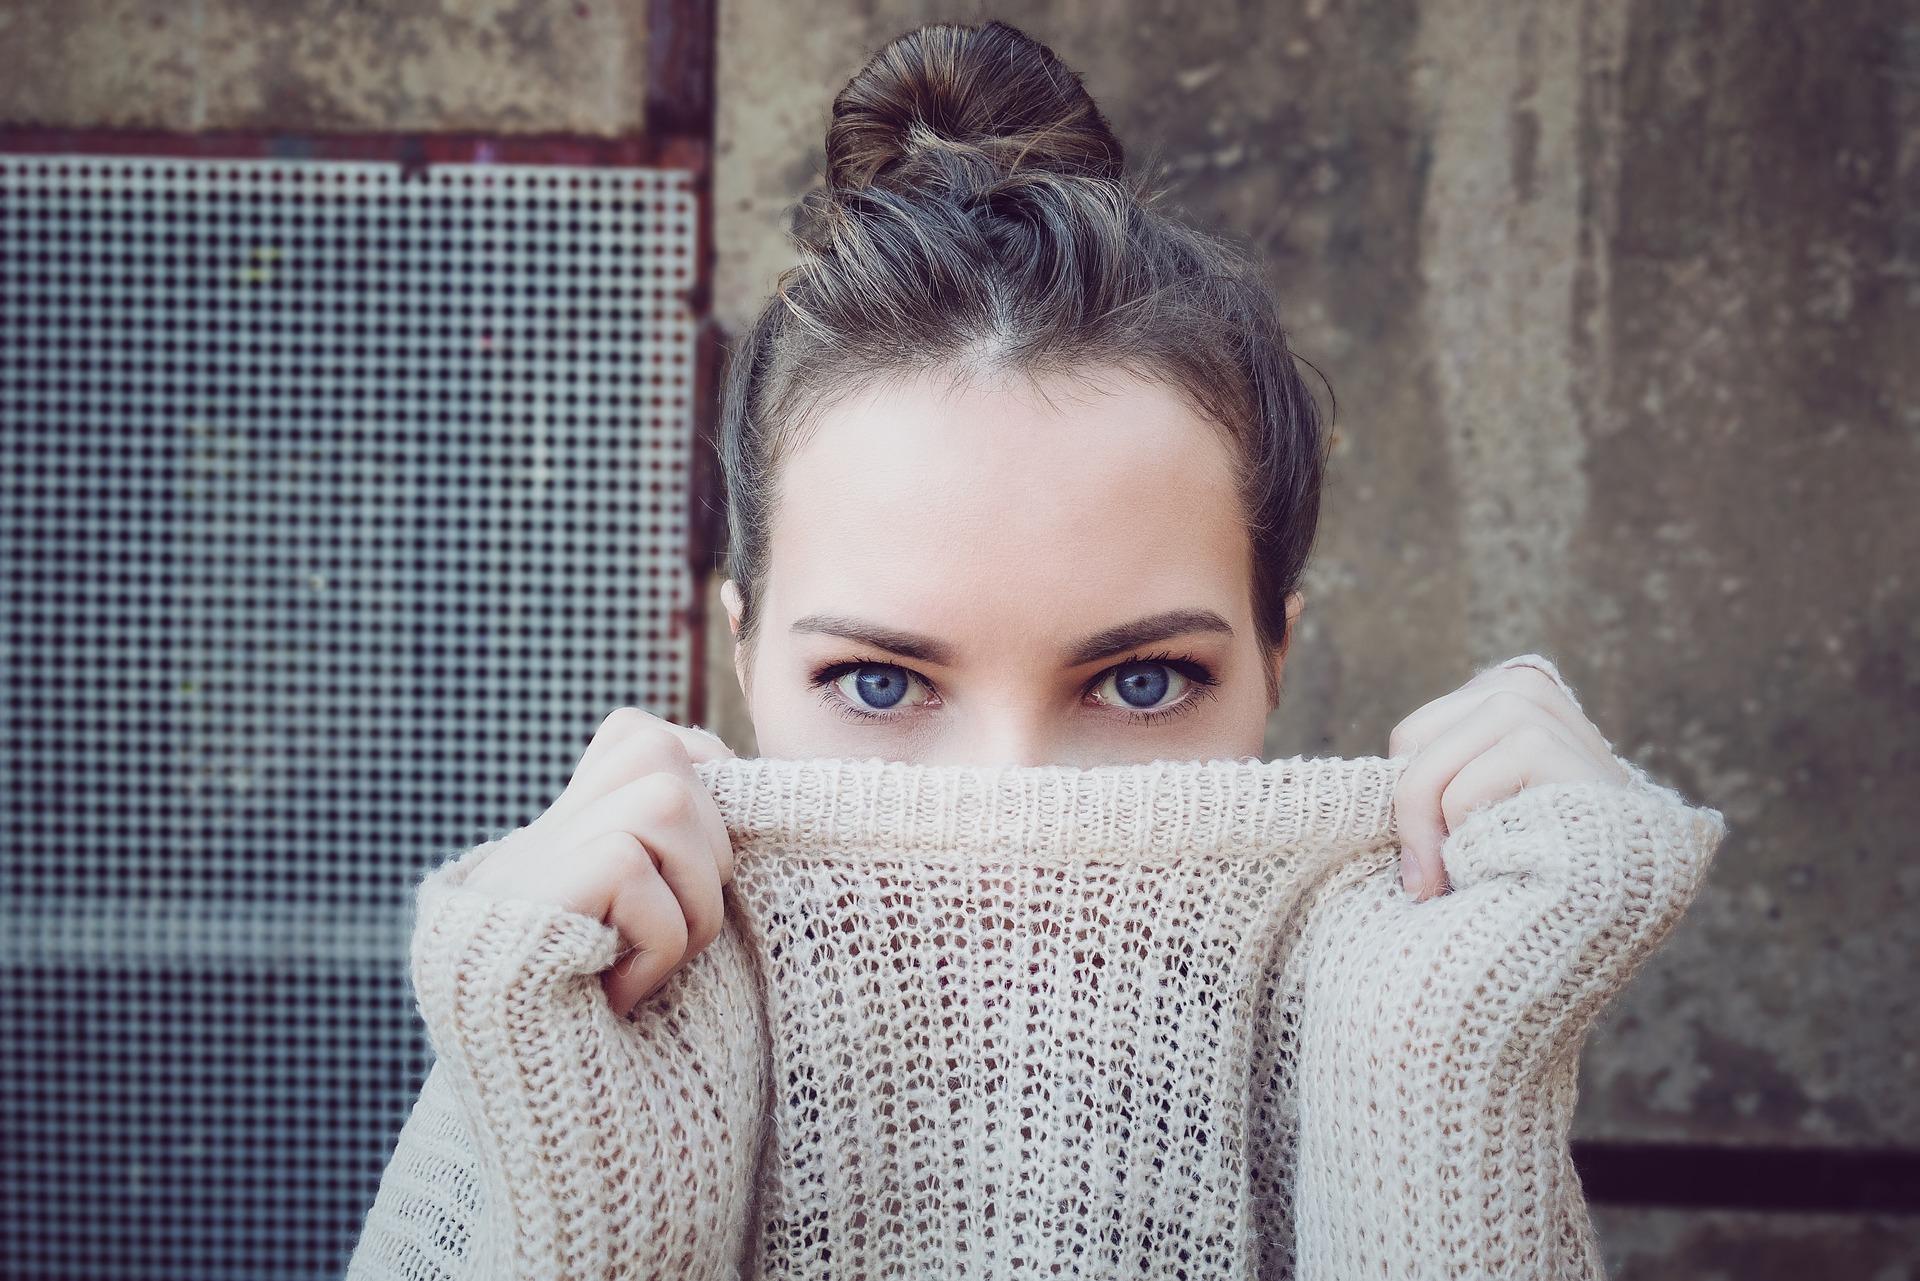 Des tenues d'hiver décontractées ou élégantes pour affronter le froid avec style.